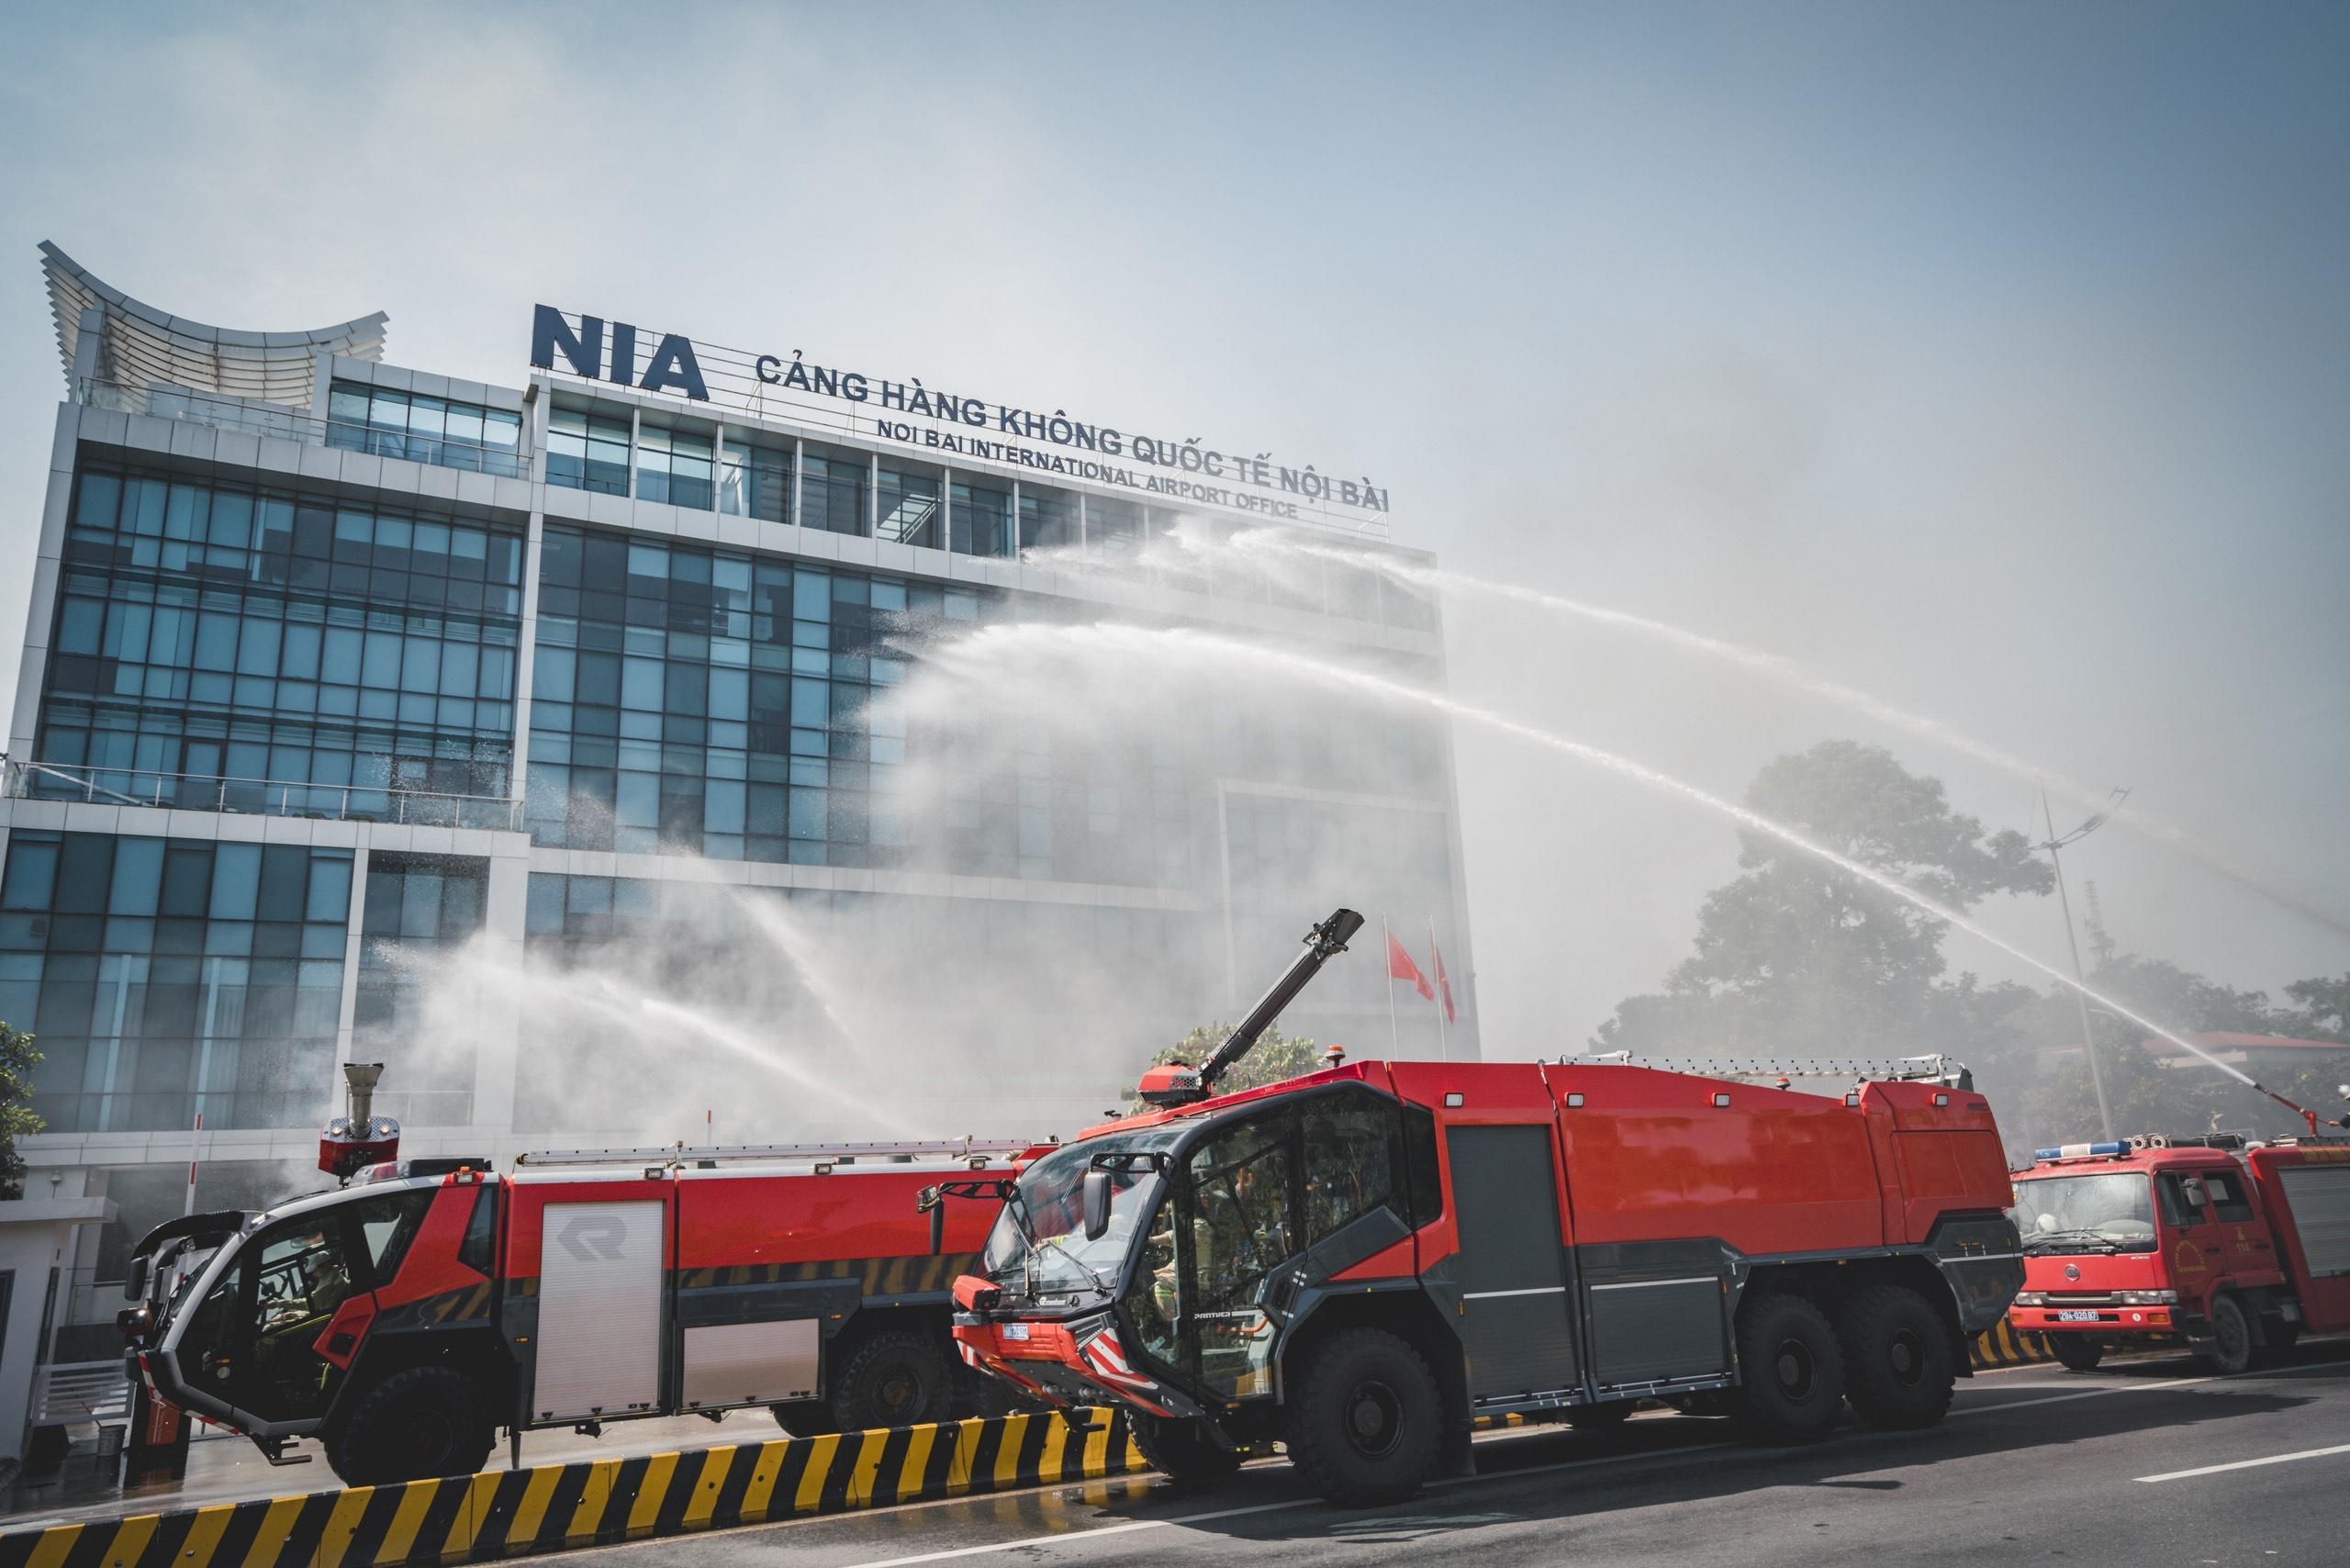 Cảng HKQT Nội Bài diễn tập phương án chữa cháy, cứu nạn cứu hộ năm 2020 -  Tổng công ty cảng hàng không Việt Nam - CTCP   Sân bay Việt Nam